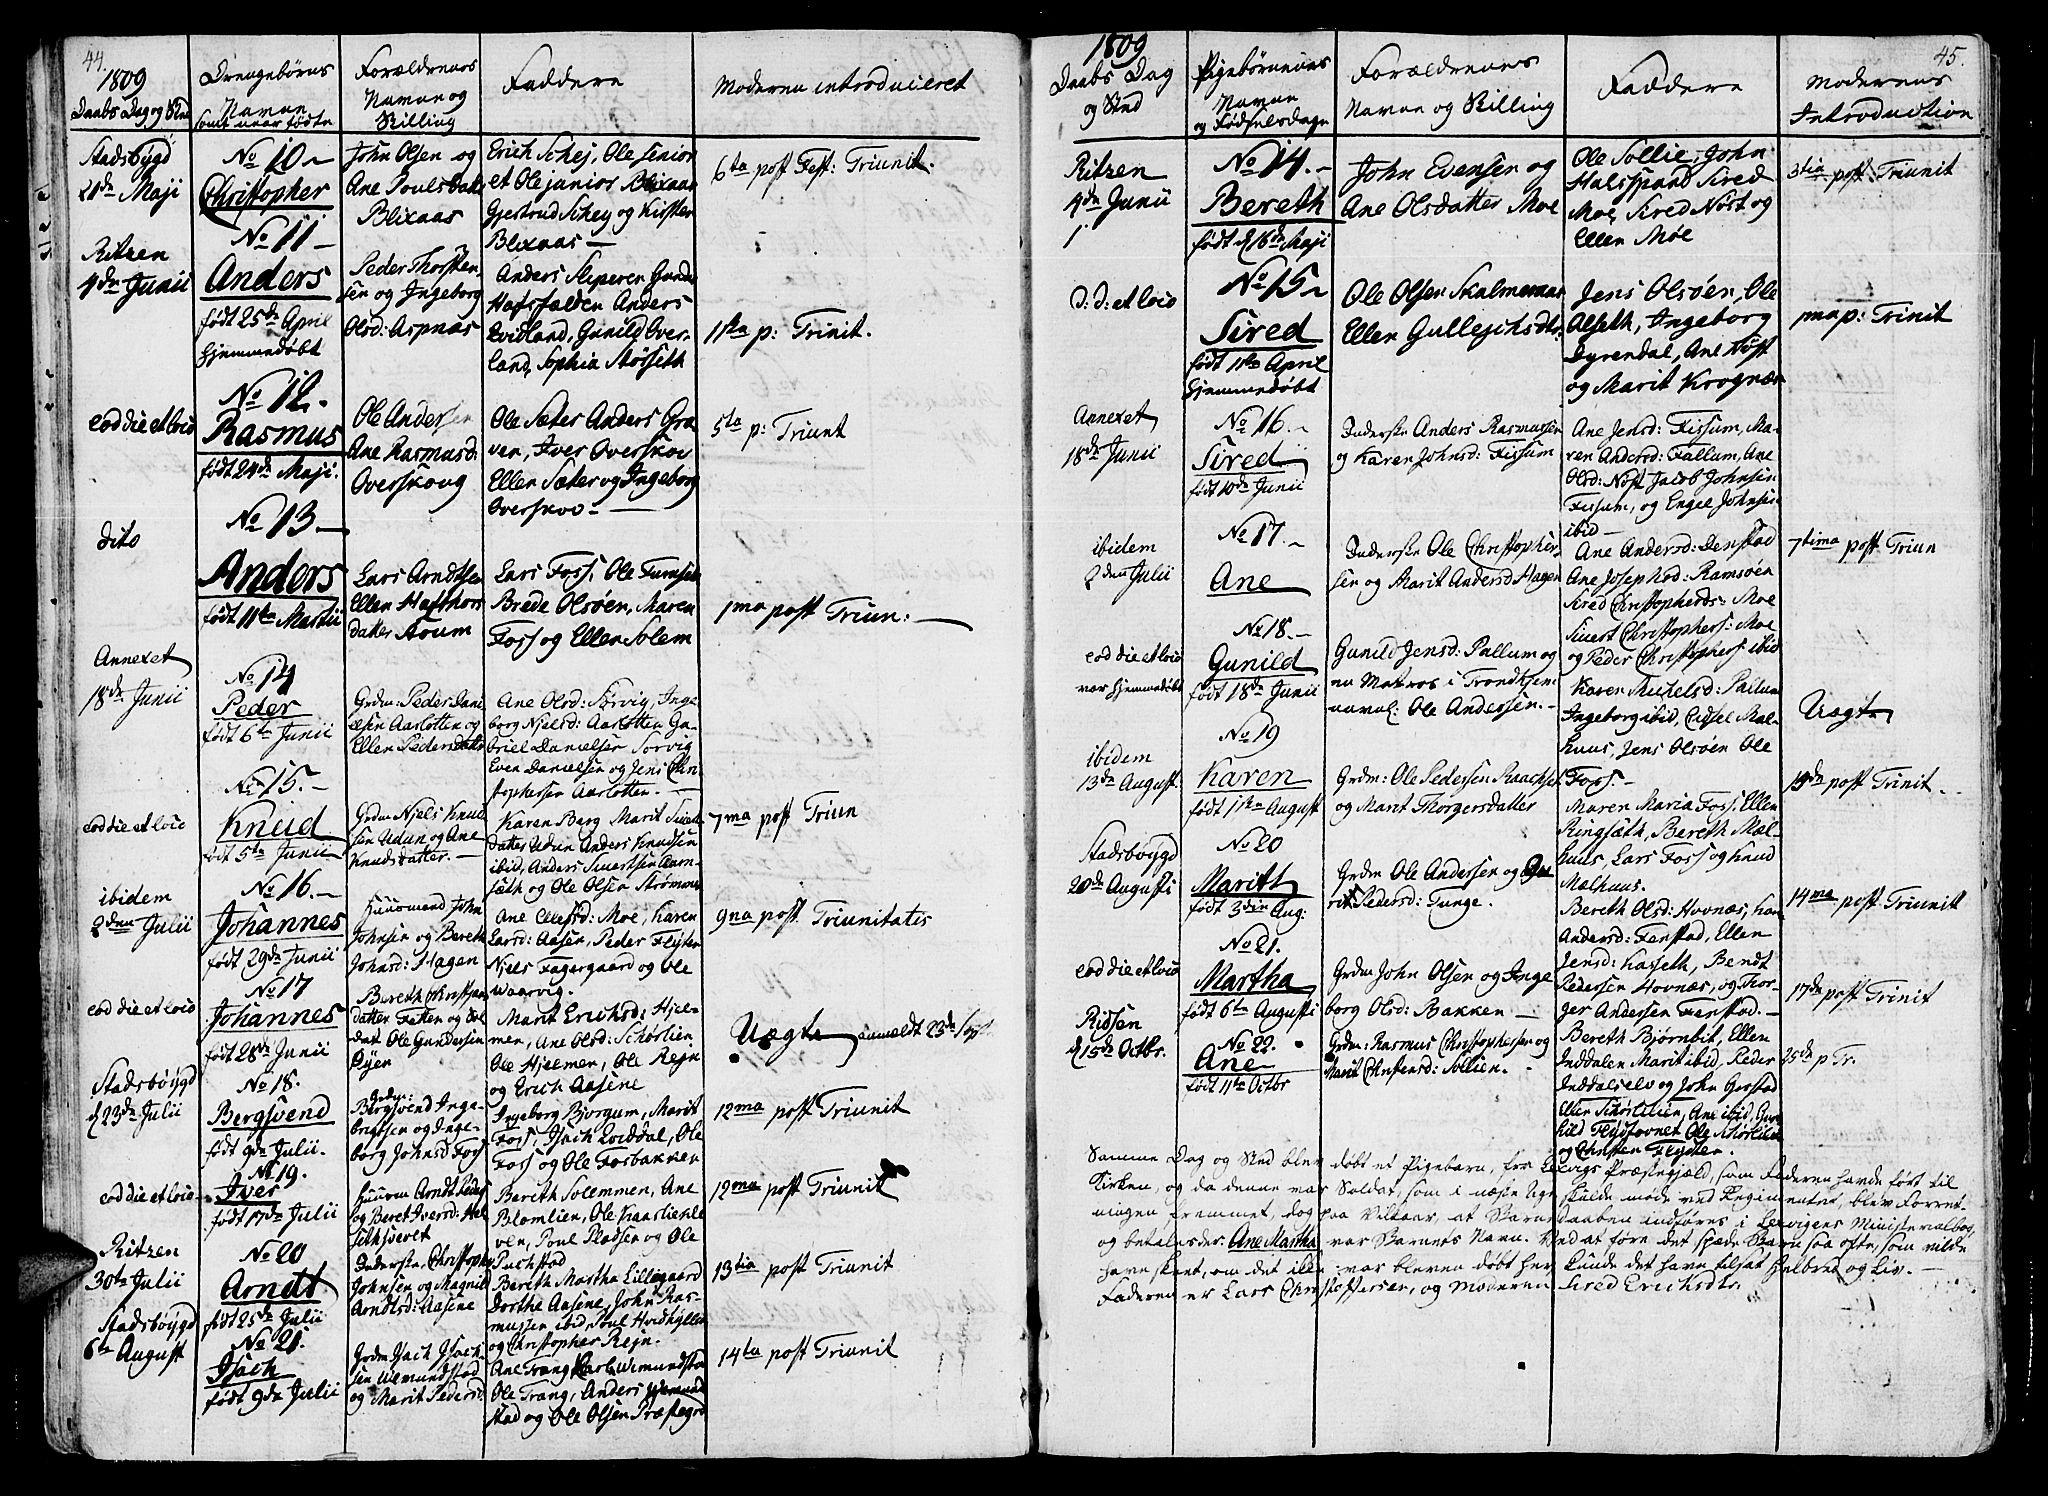 SAT, Ministerialprotokoller, klokkerbøker og fødselsregistre - Sør-Trøndelag, 646/L0607: Ministerialbok nr. 646A05, 1806-1815, s. 44-45